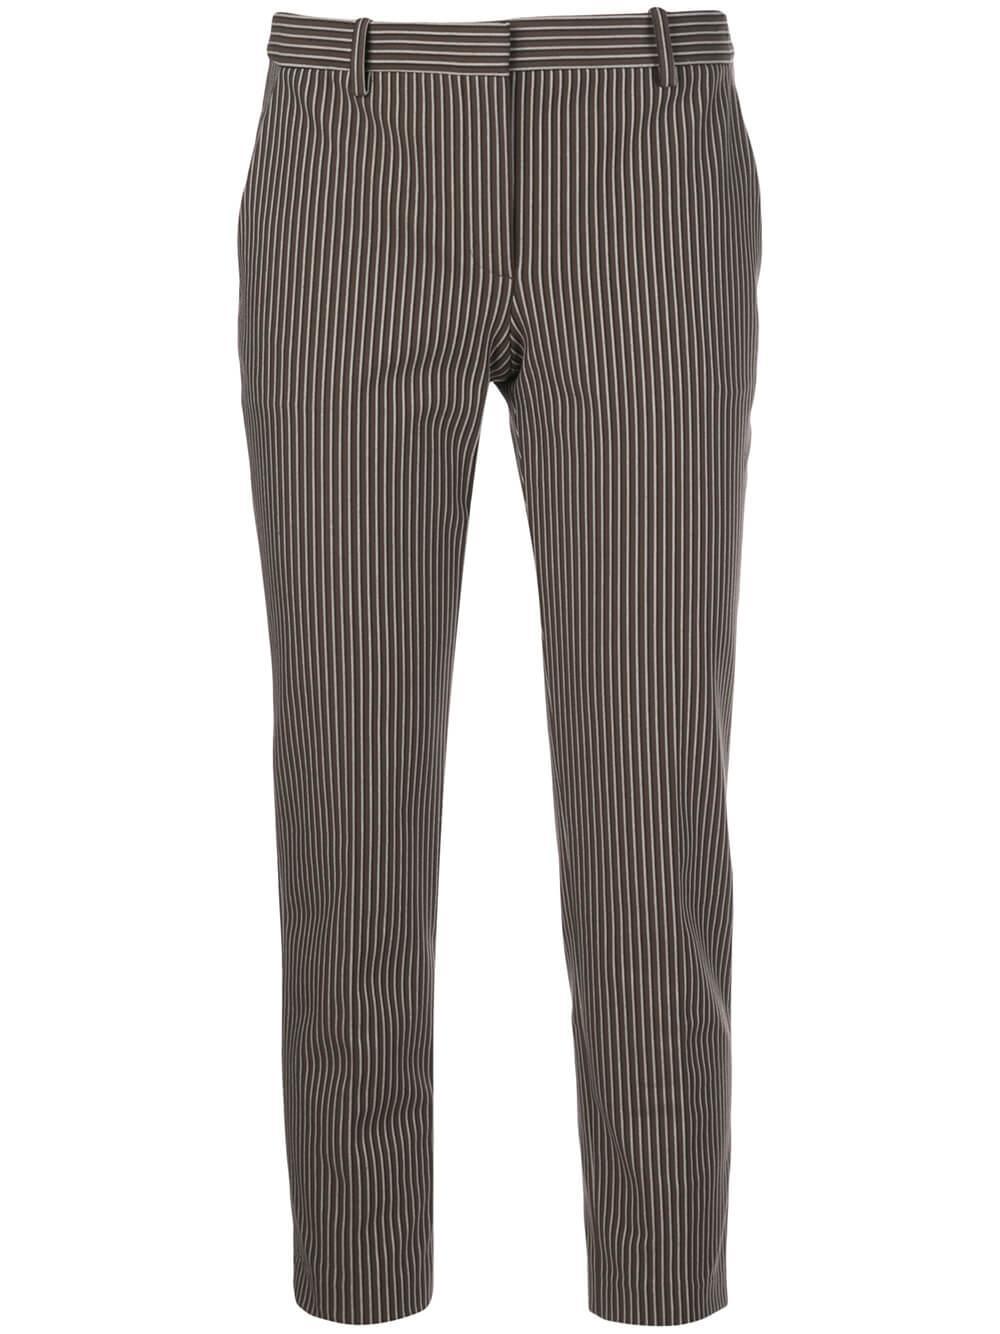 Treeca 4 Stripe Stretch Pant Item # K0104207